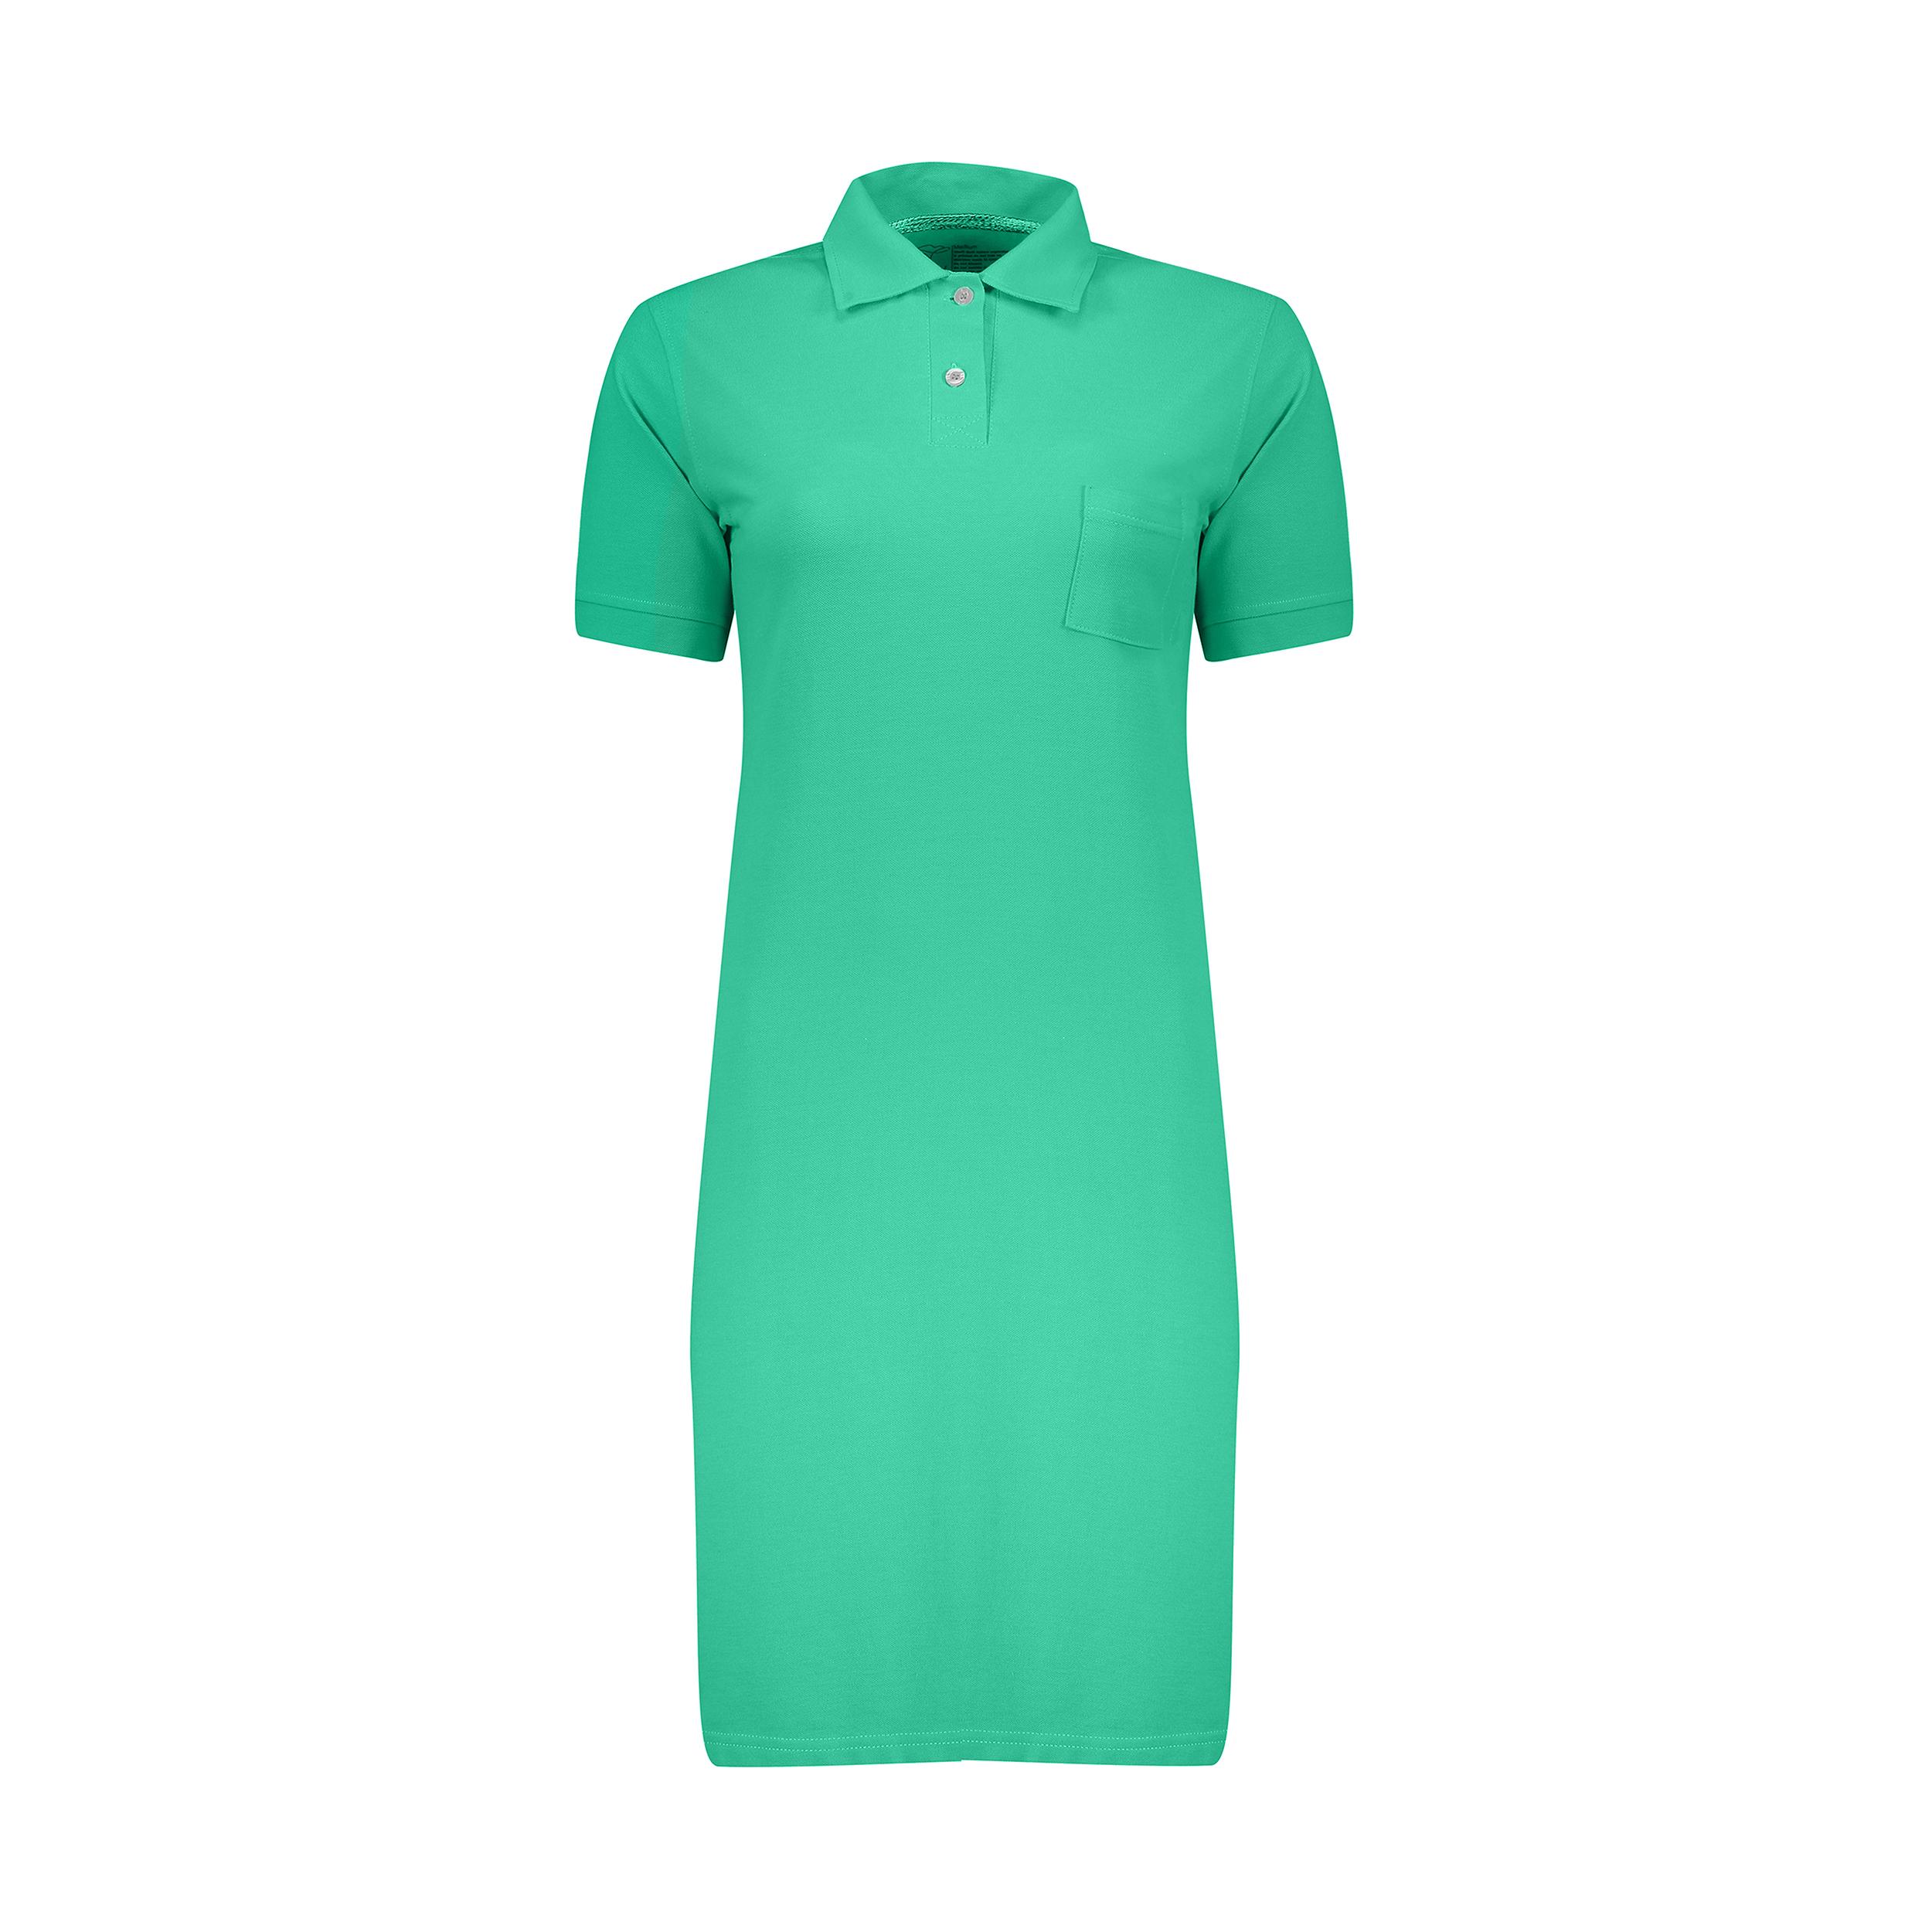 پیراهن زنانه گارودی مدل 1110410102-62